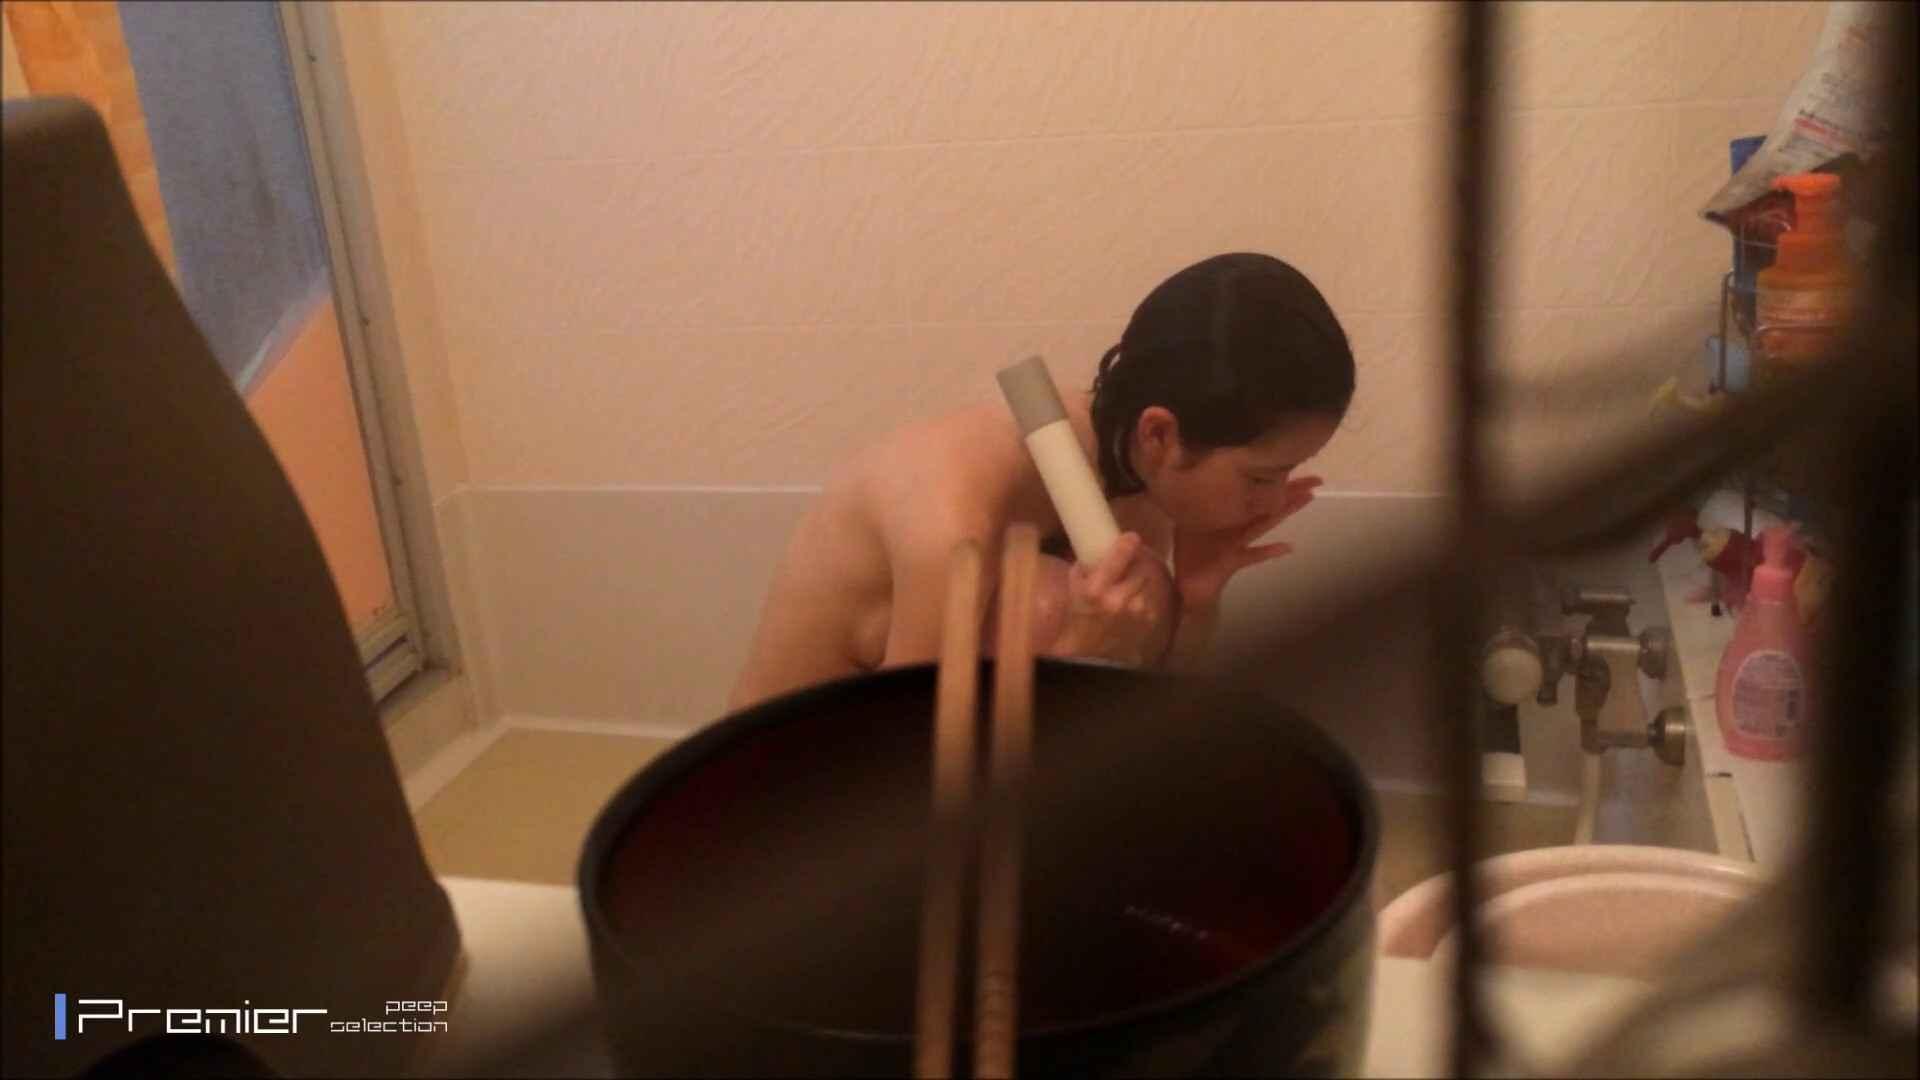 高画質フルハイビジョン スレンダー美女の入浴 乙女の風呂場 Vol.04 OLハメ撮り  94Pix 78